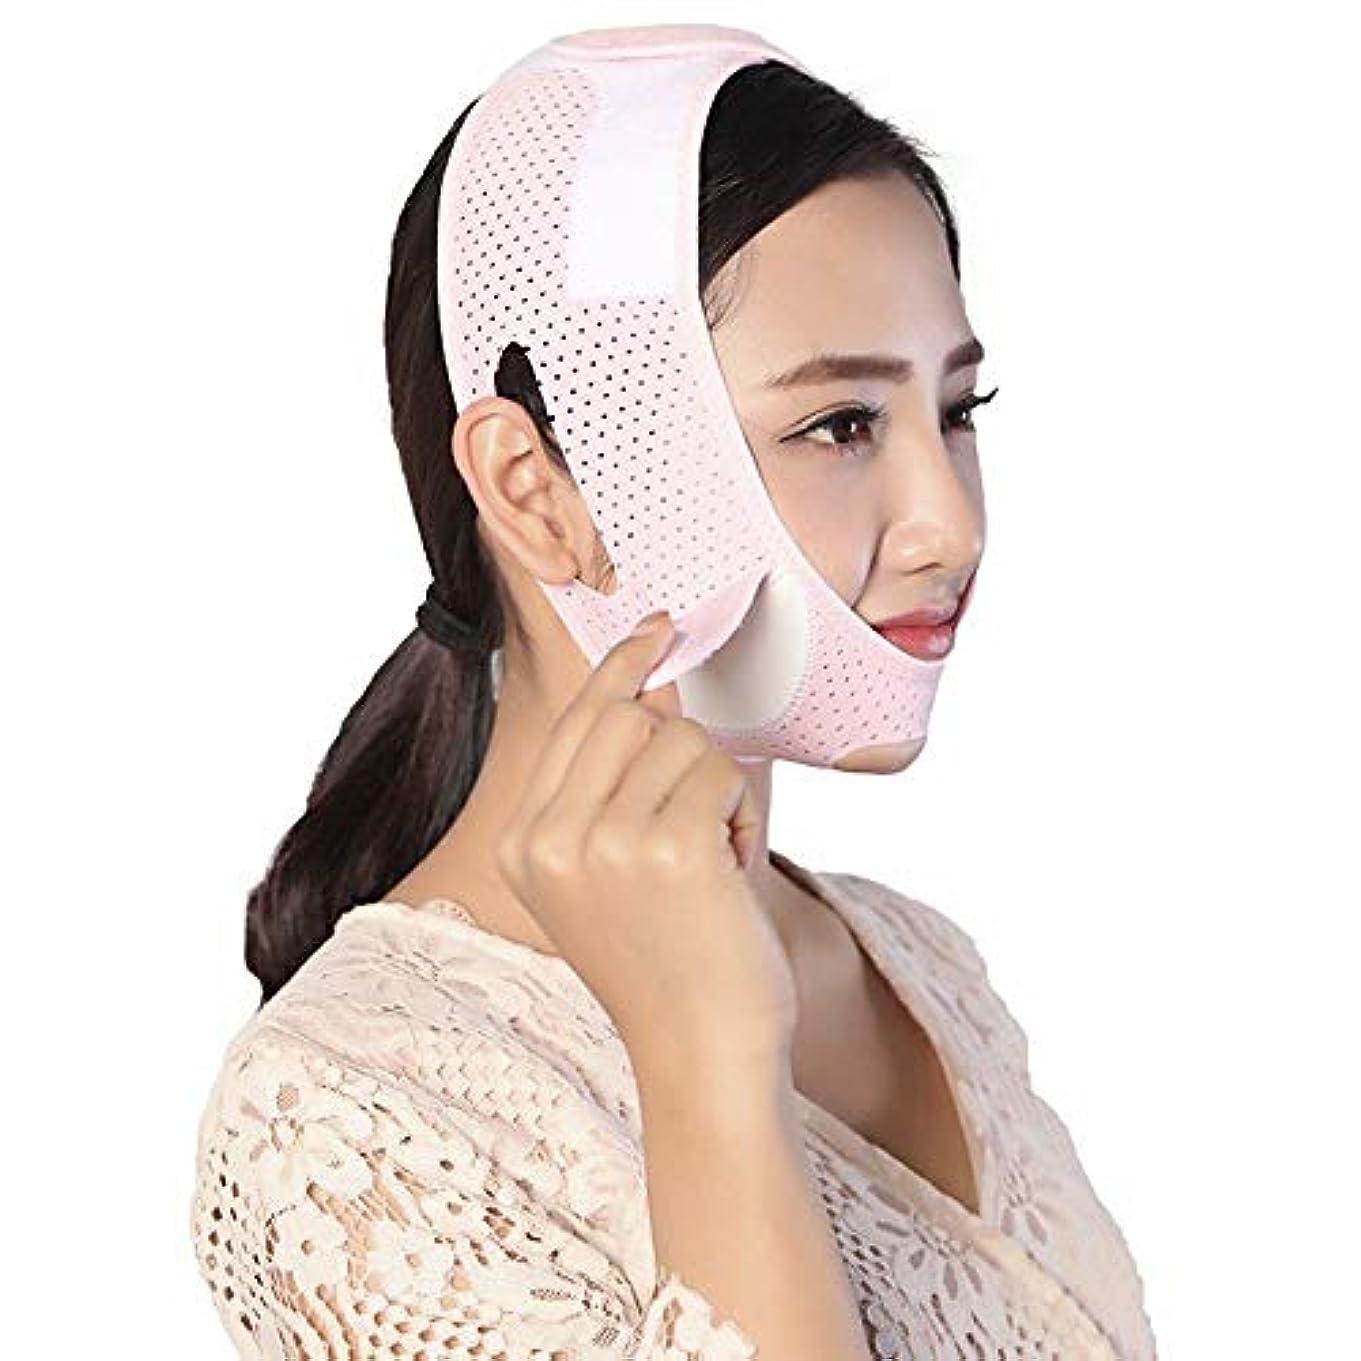 政令蒸留一生BS フェイシャルリフティング痩身ベルト - 圧縮二重あご減量ベルトスキンケア薄い顔包帯 フェイスリフティングアーティファクト